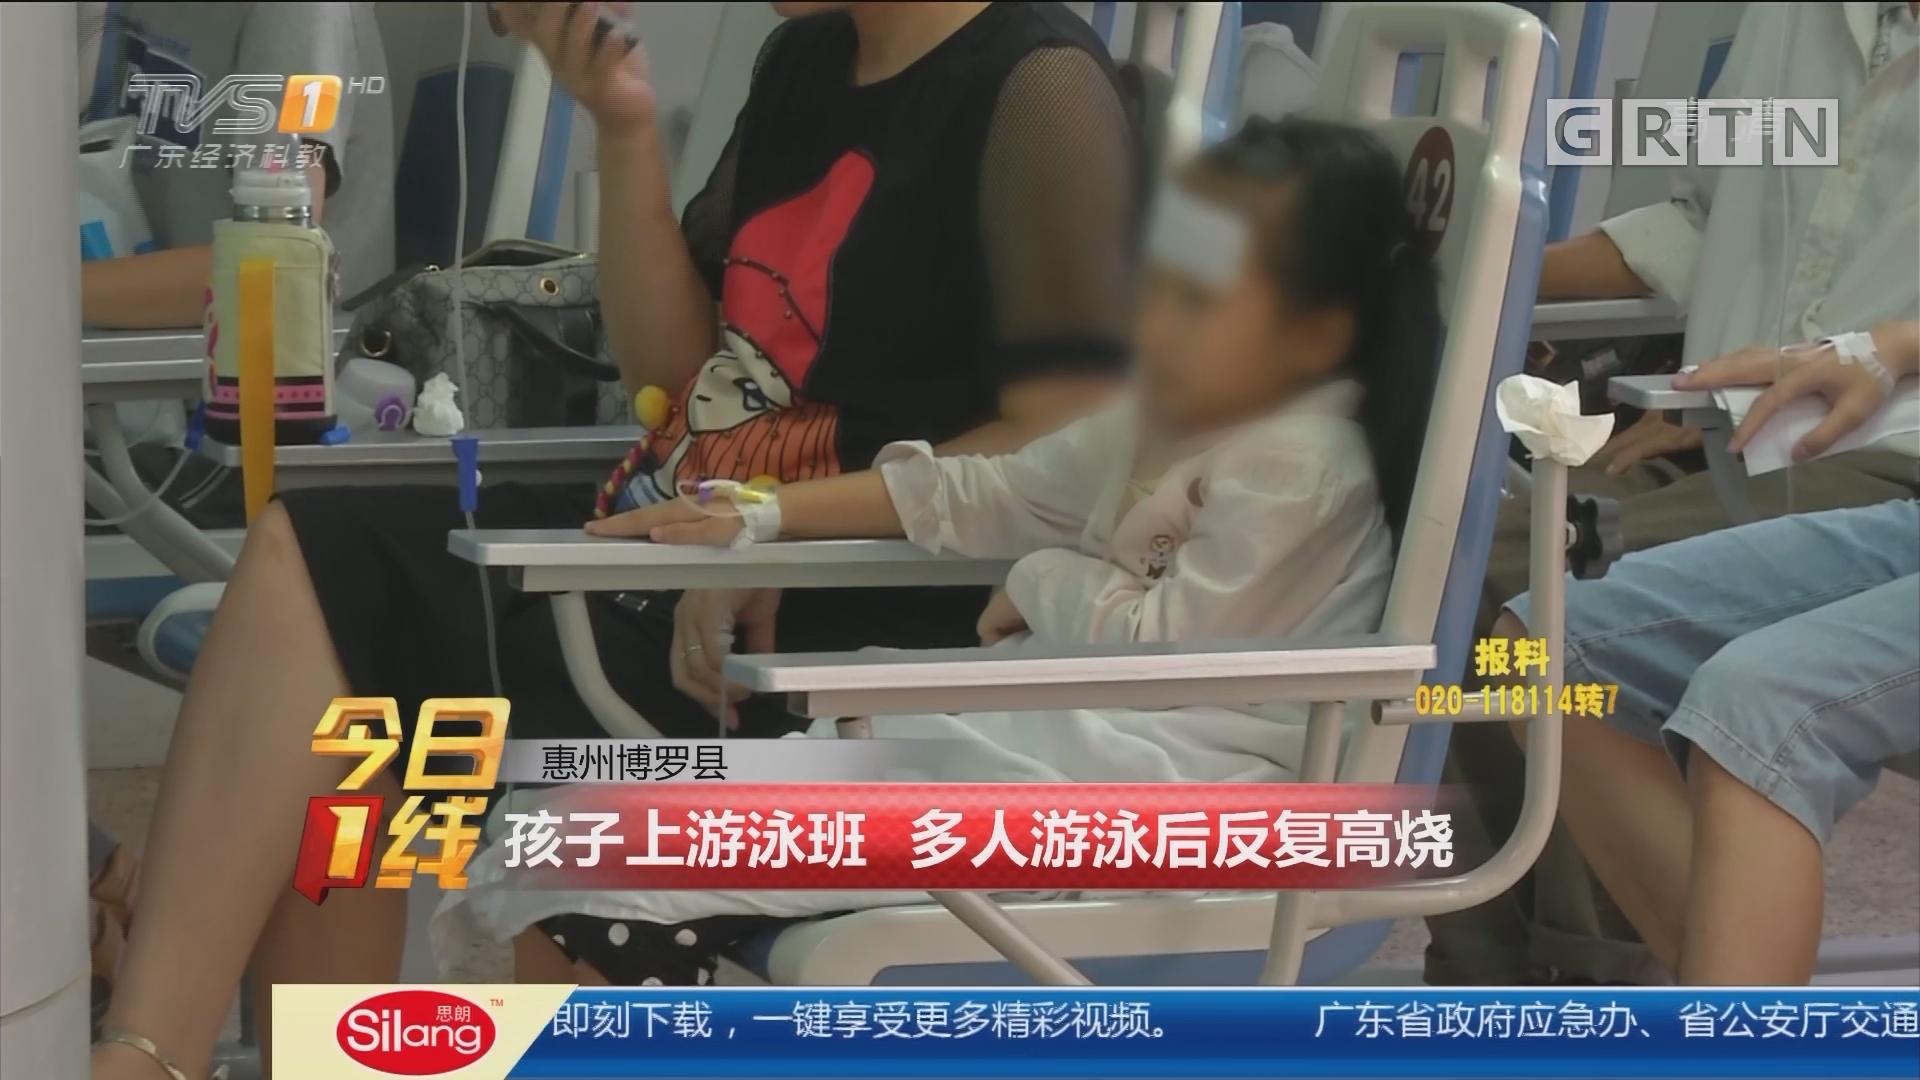 惠州博罗县:孩子上游泳班 多人游泳后反复高烧